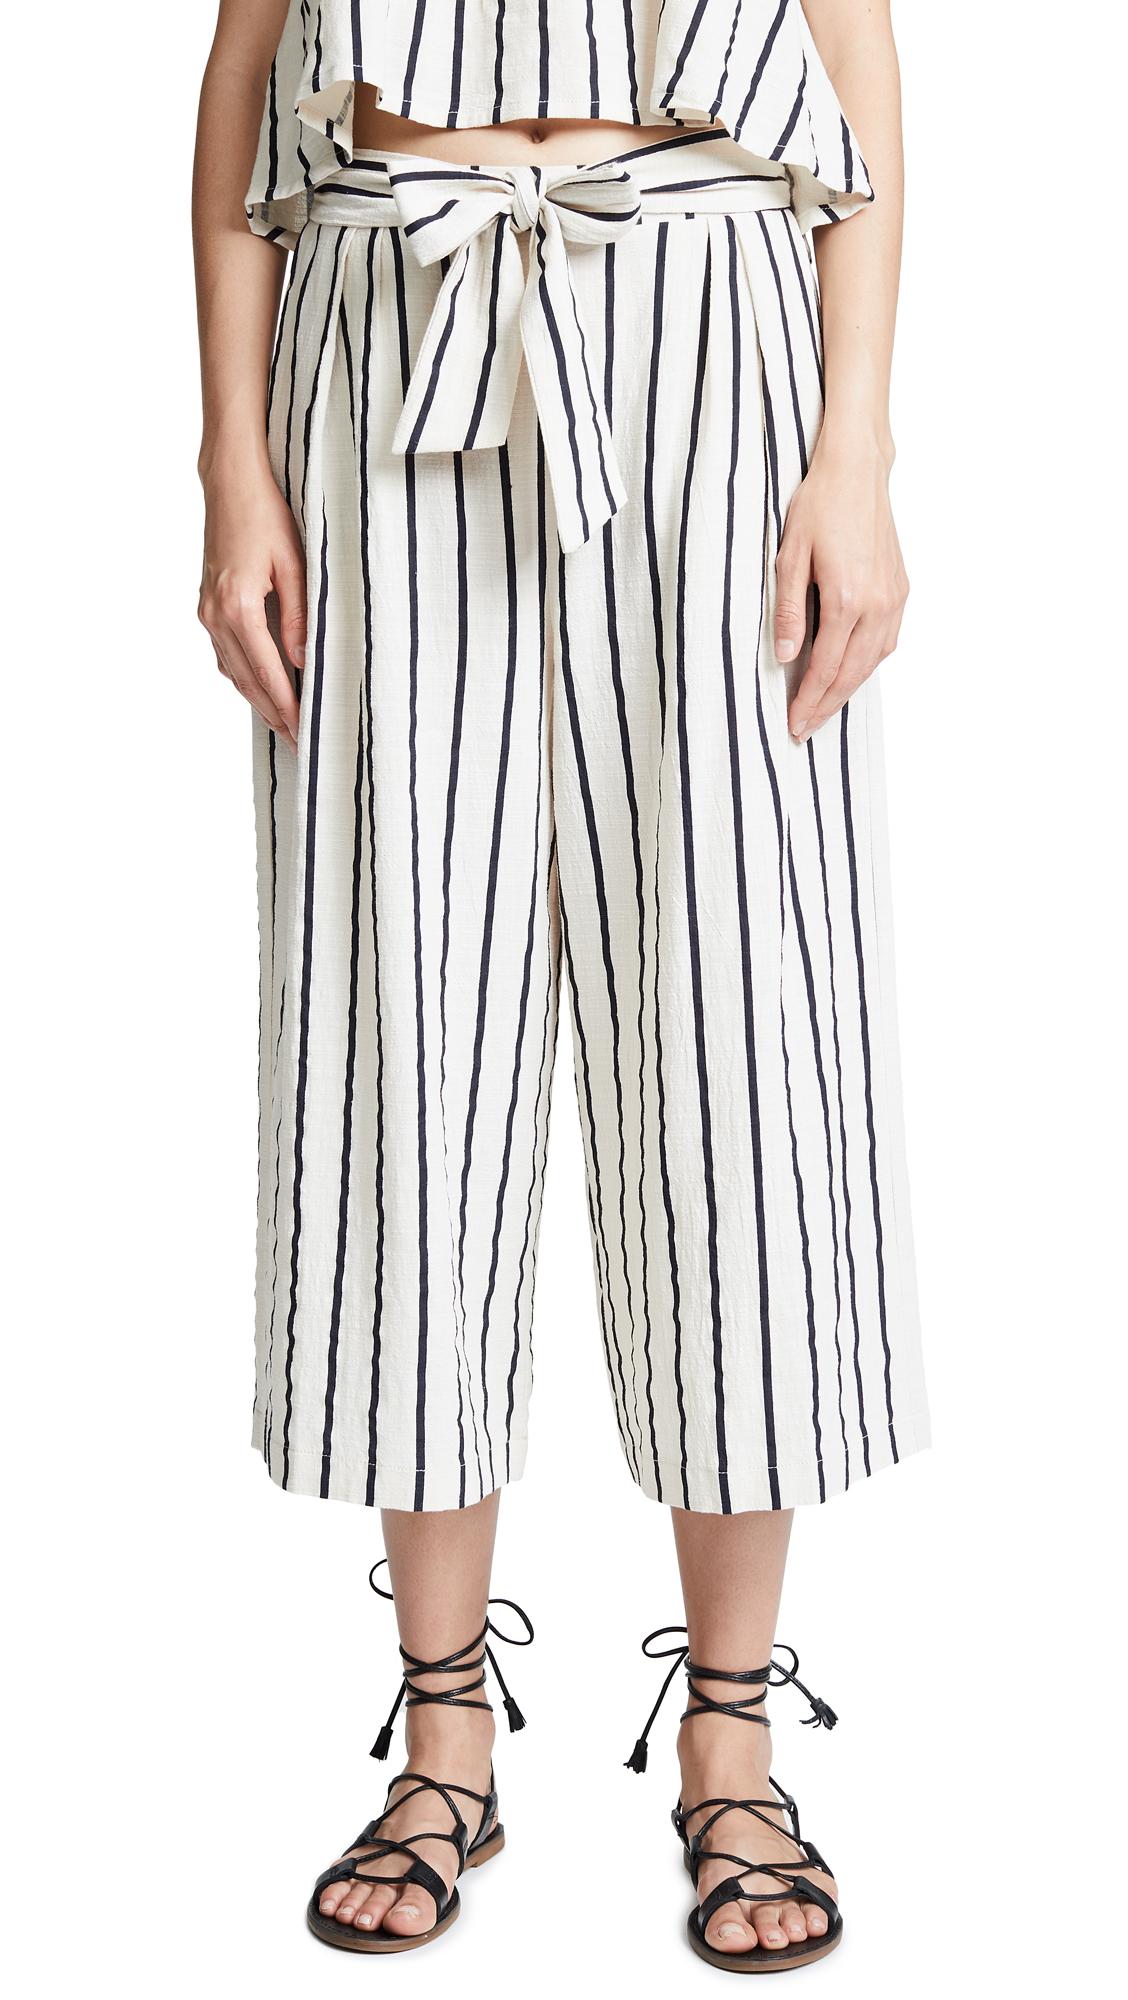 Suboo Stay Wide Leg Tie Pants In Stripes